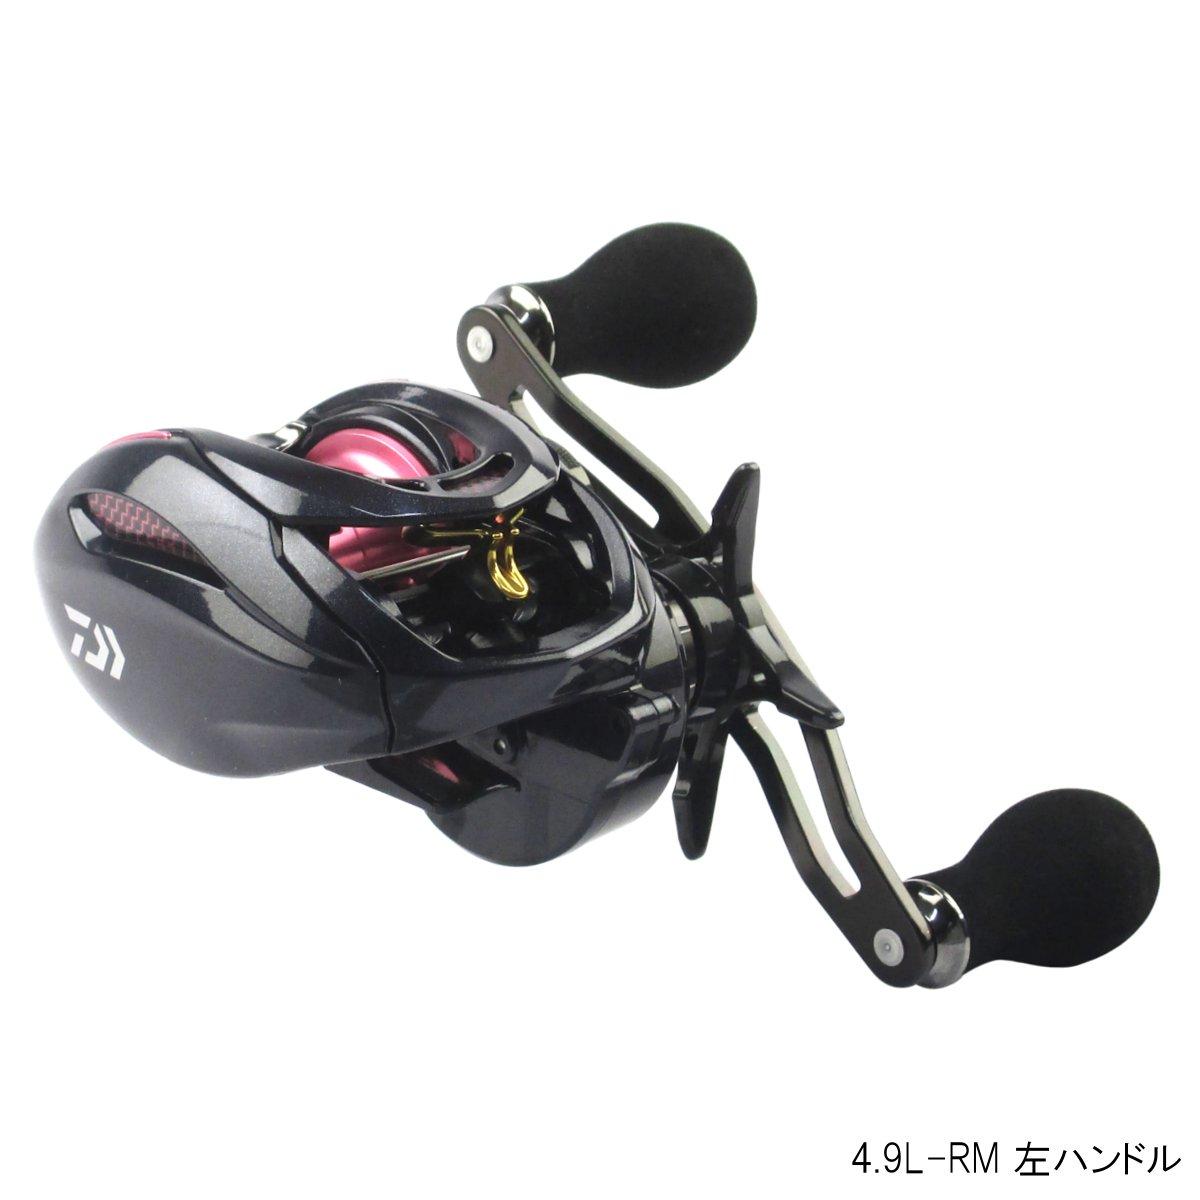 ダイワ 紅牙 TW 4.9L-RM 左ハンドル(東日本店)